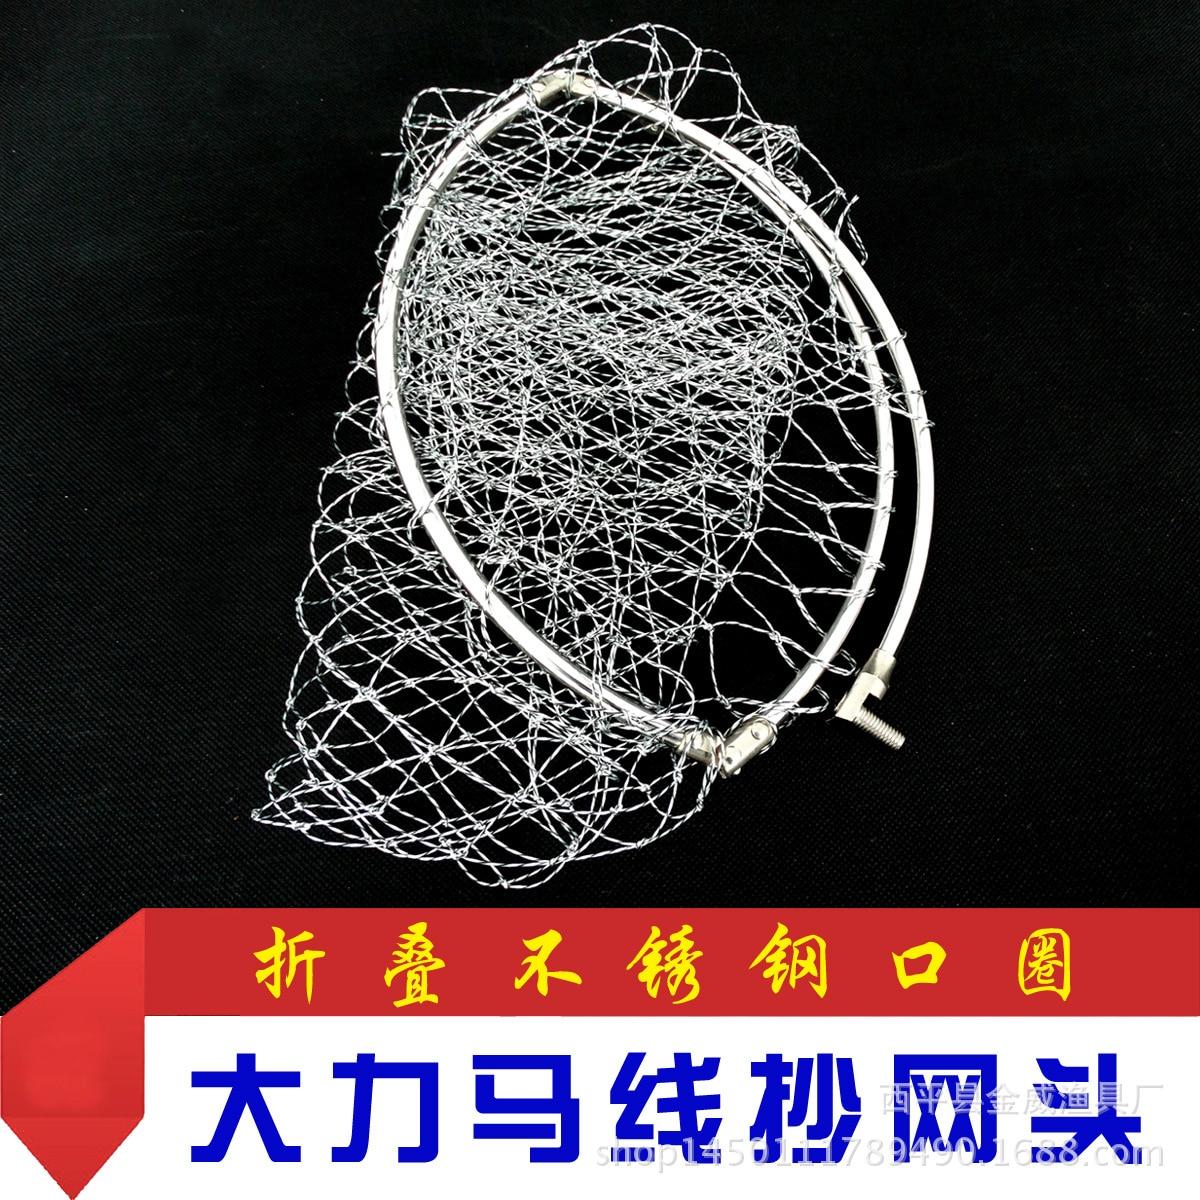 Dyneema Stainless Steel Folding Landing Net Head Gray Tennis Racket Hand-woven Fishing Gear